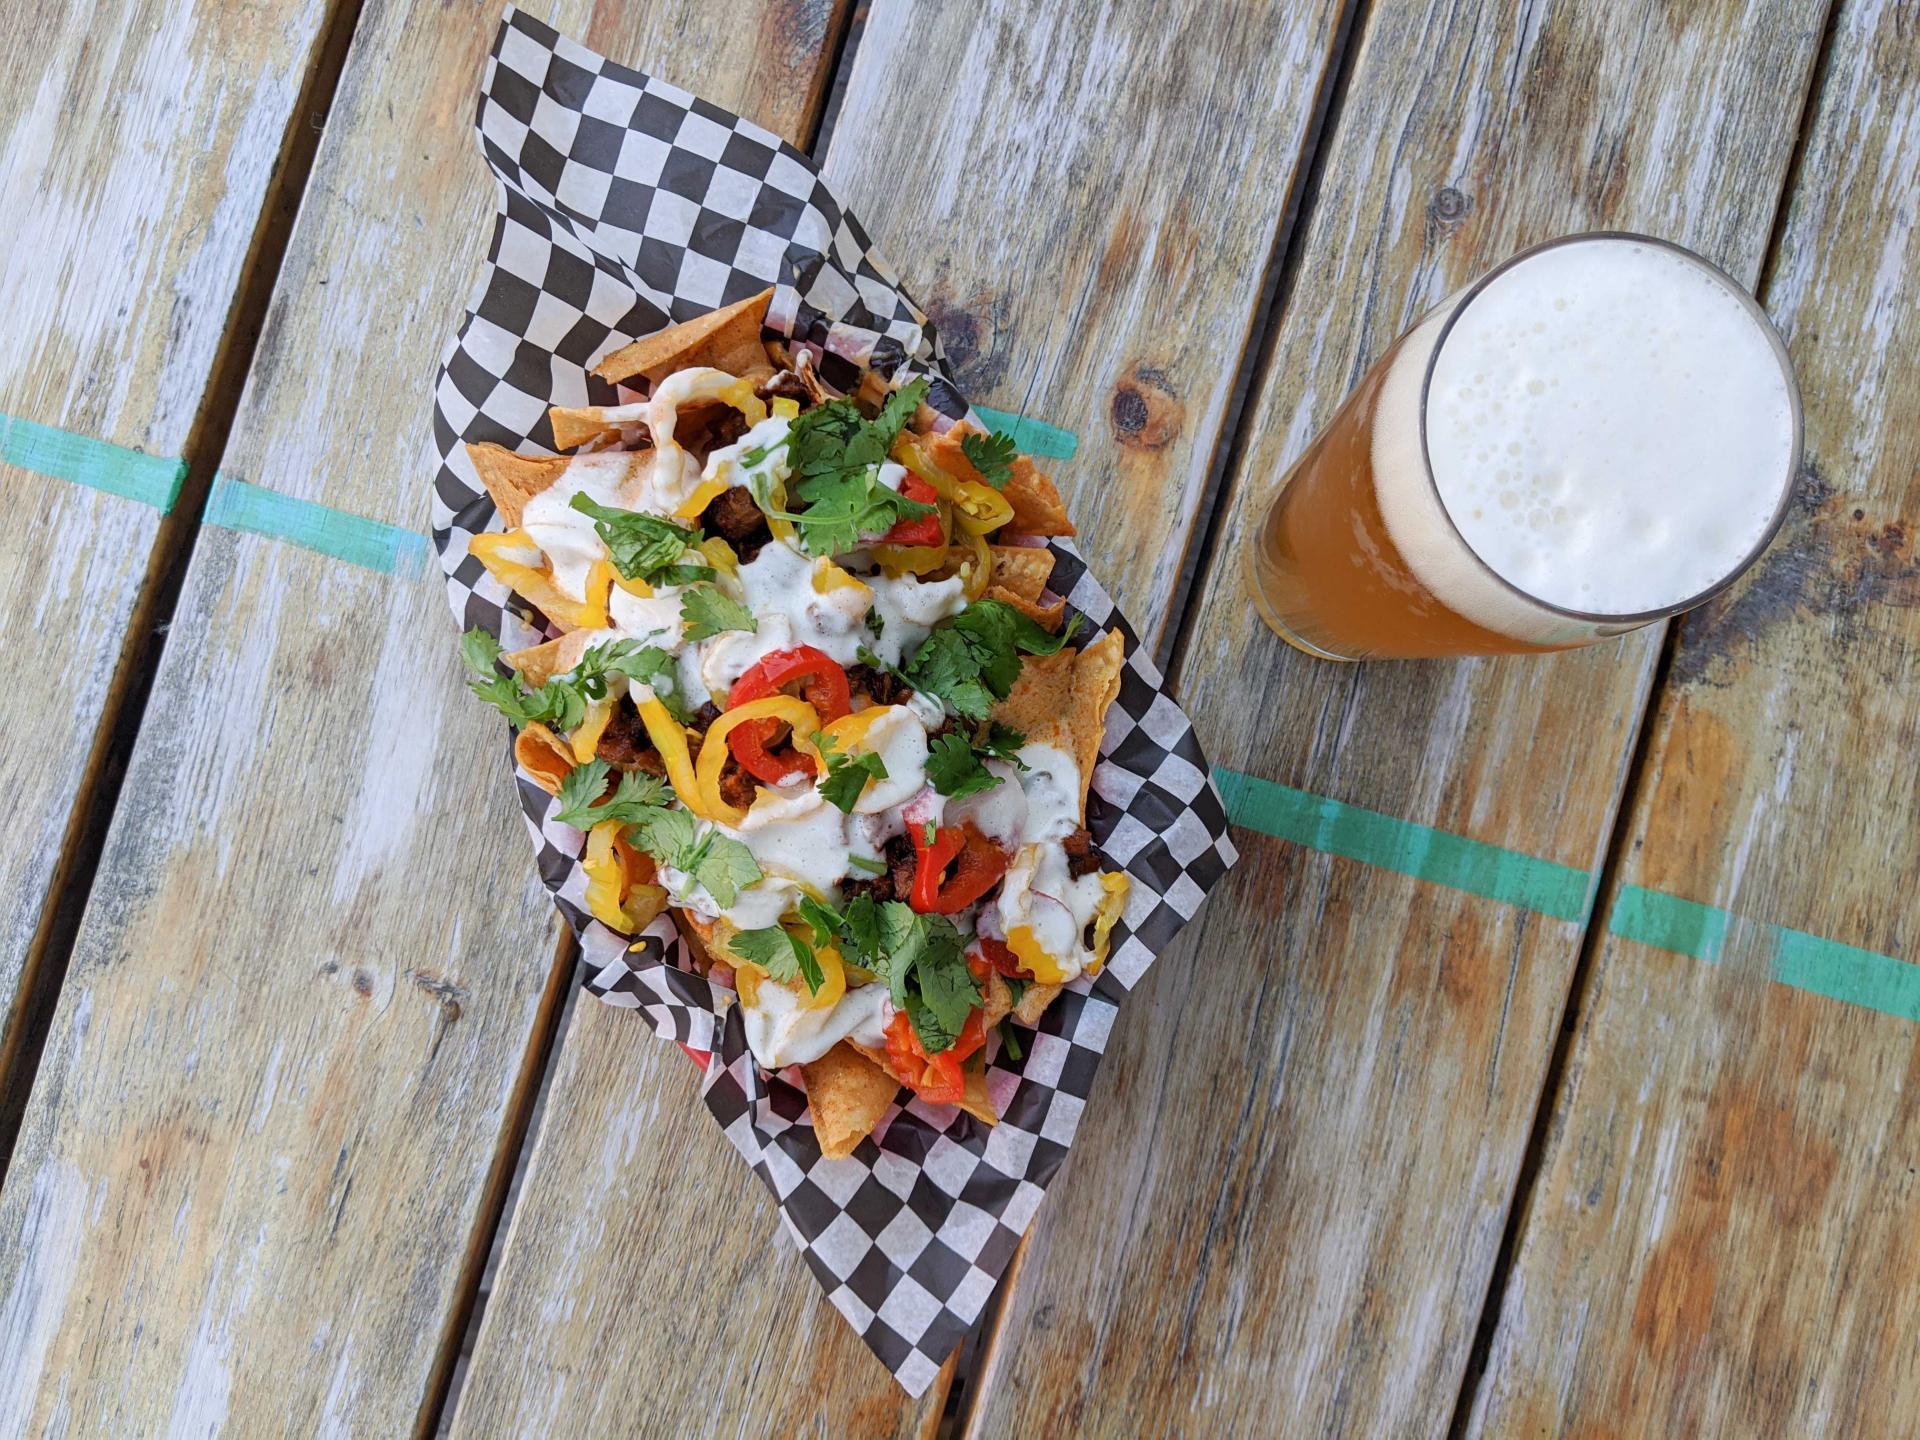 The best vegan restaurants in Toronto | The Hogtown Vegan